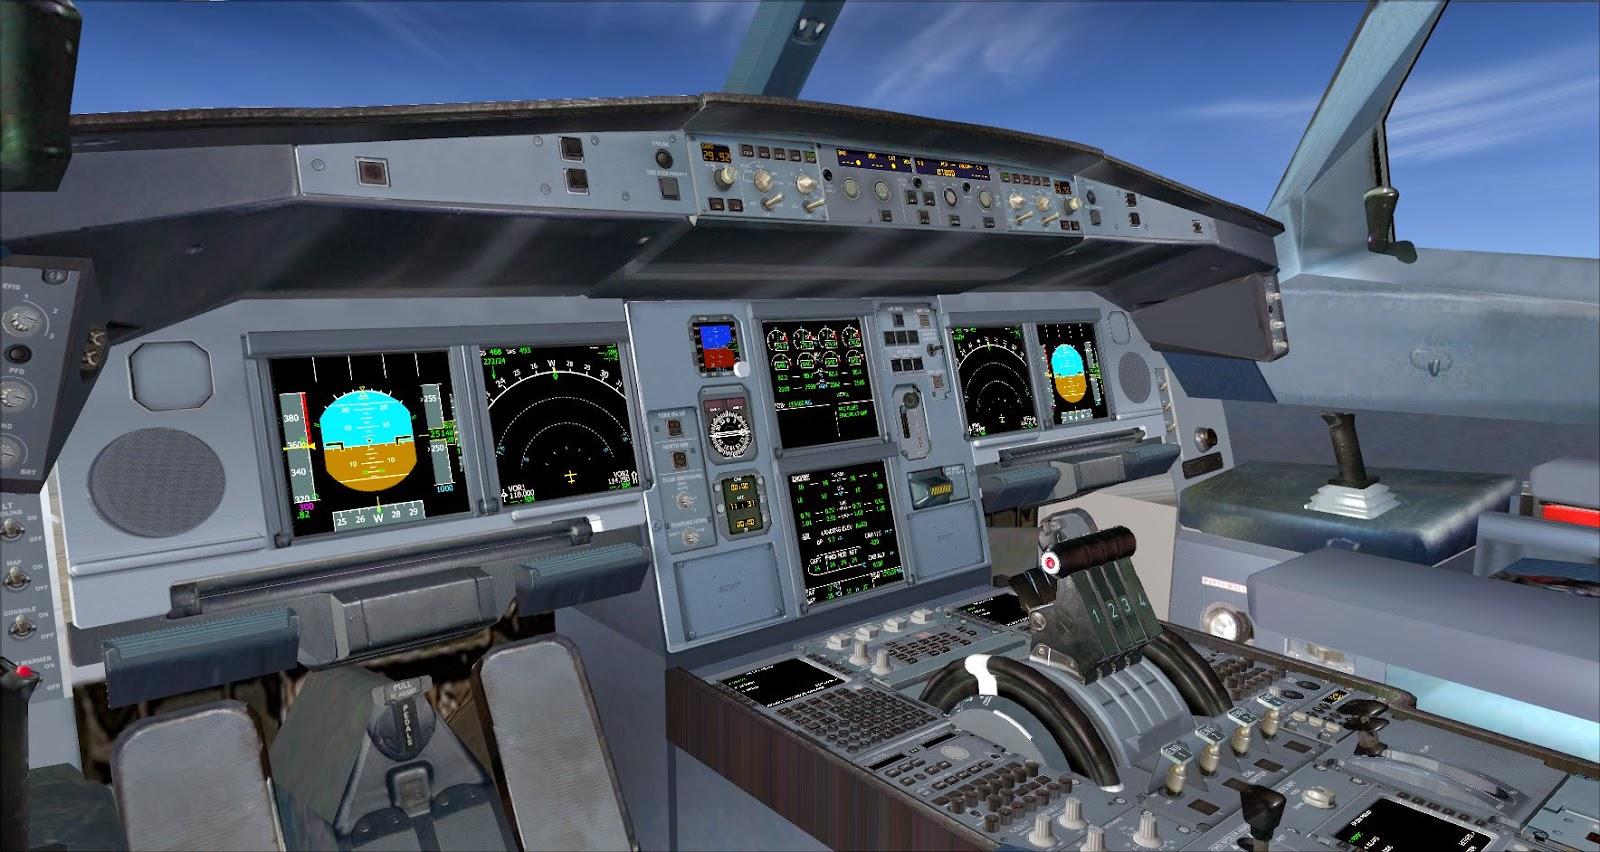 Fsx Wilco airbus a380